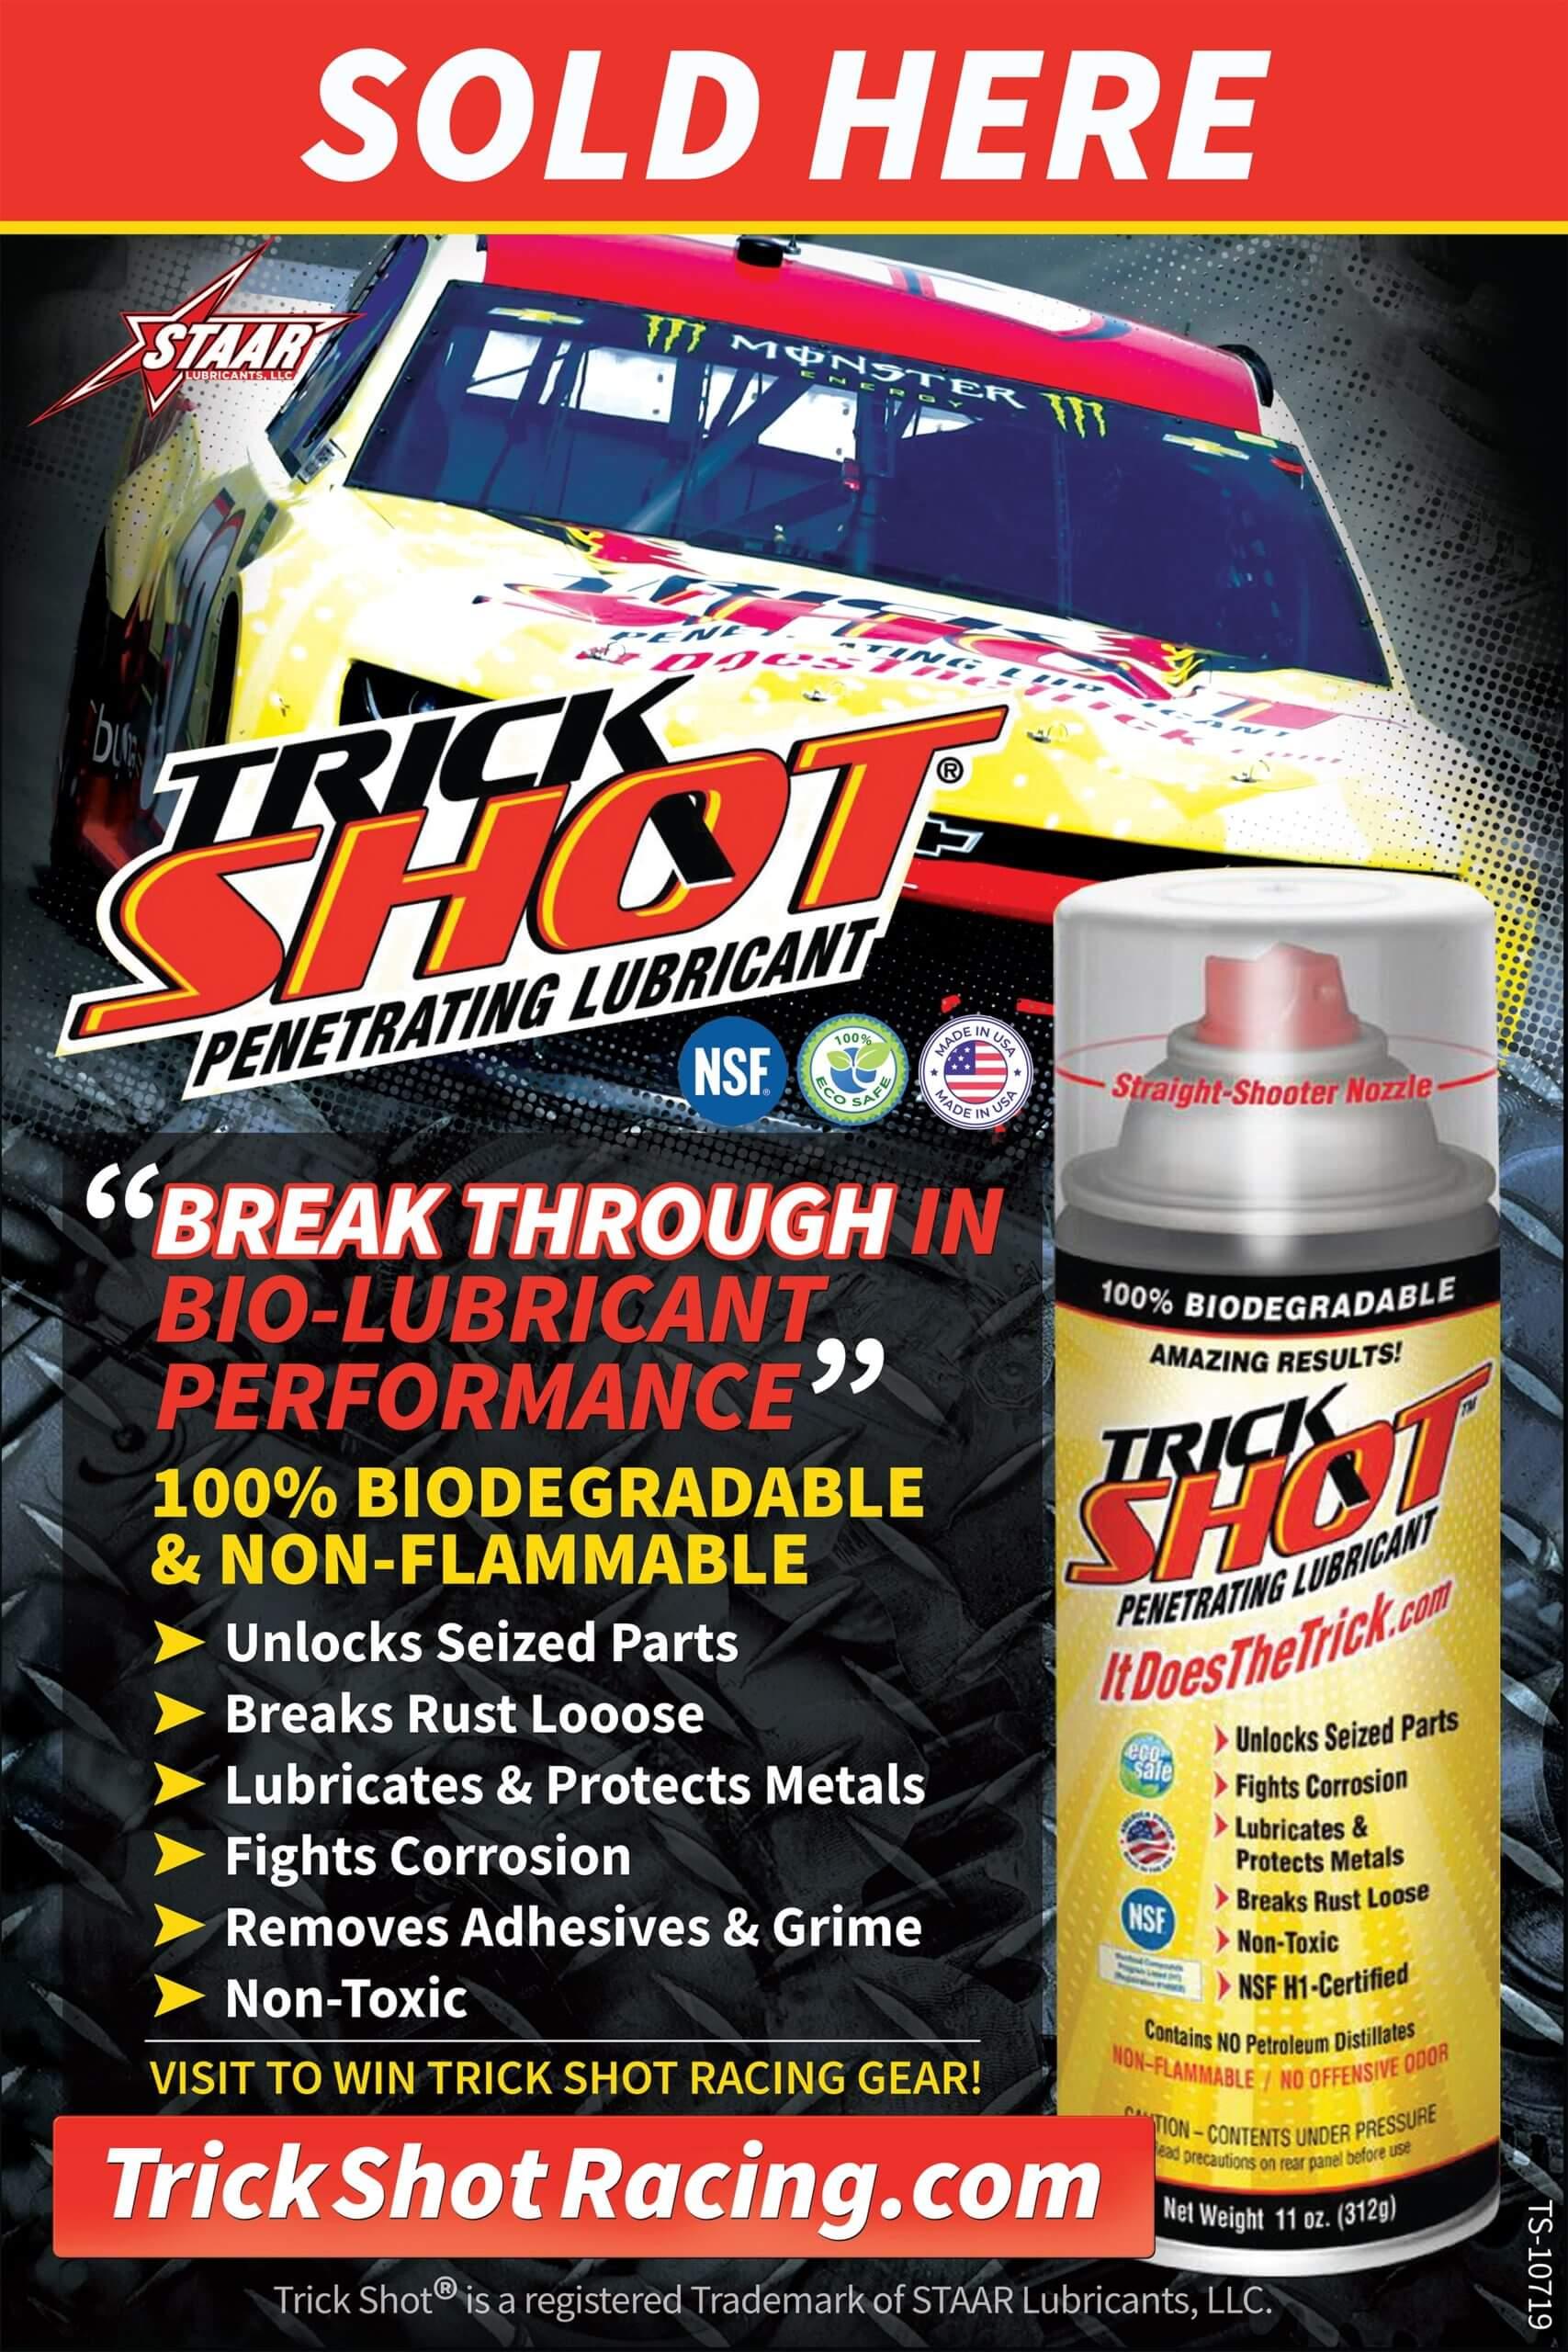 TrickShot Poster